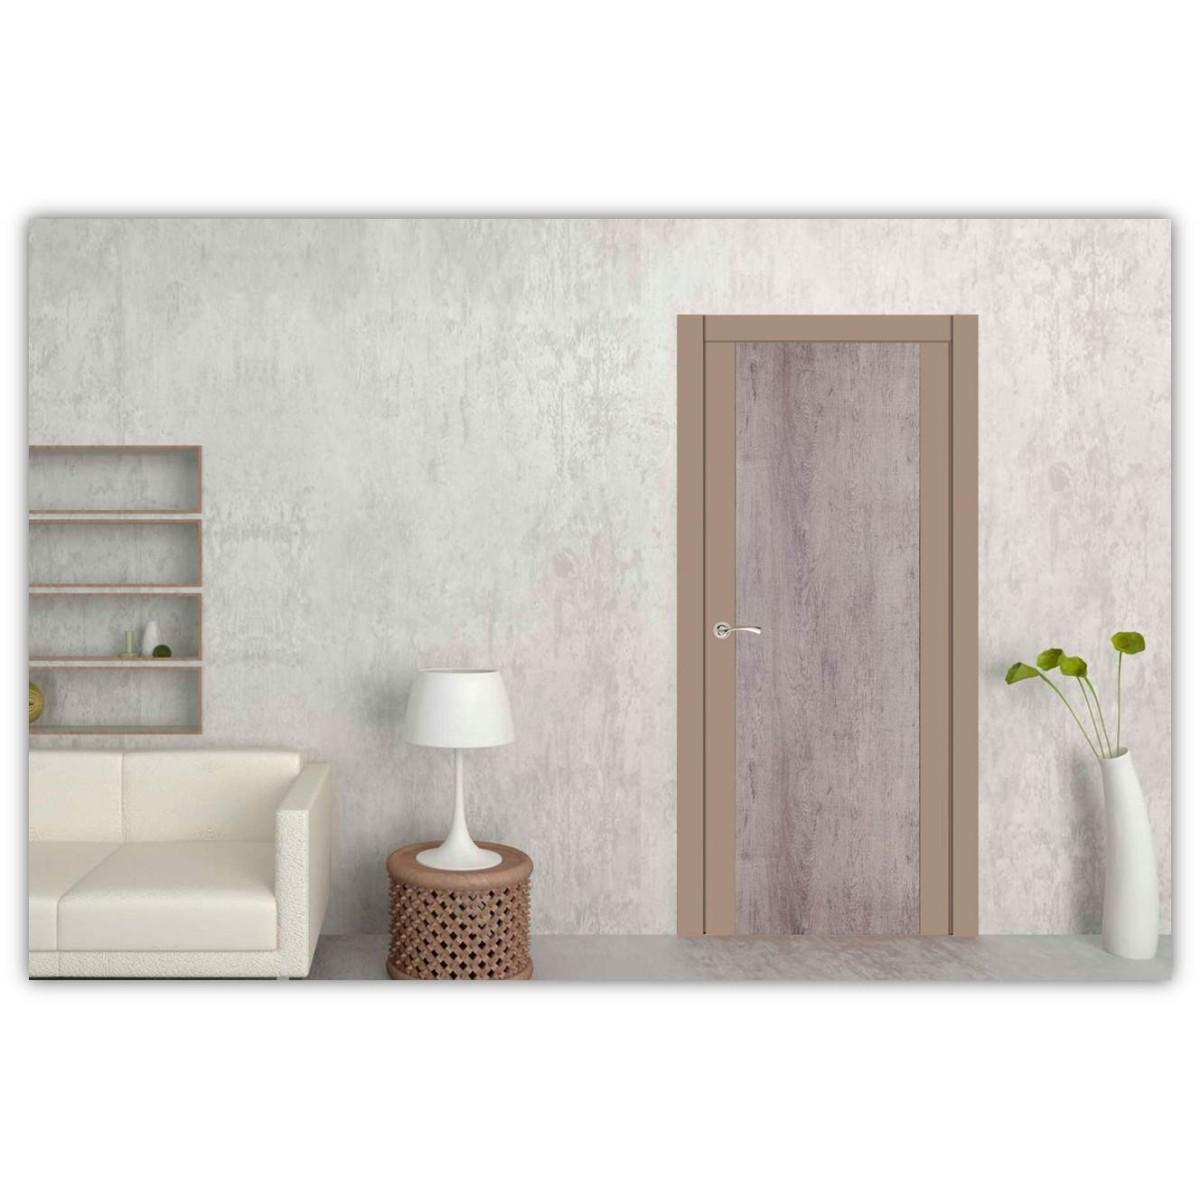 Дверь Межкомнатная Глухая Арт Лайн 60x200 Цвет Какао/Кора